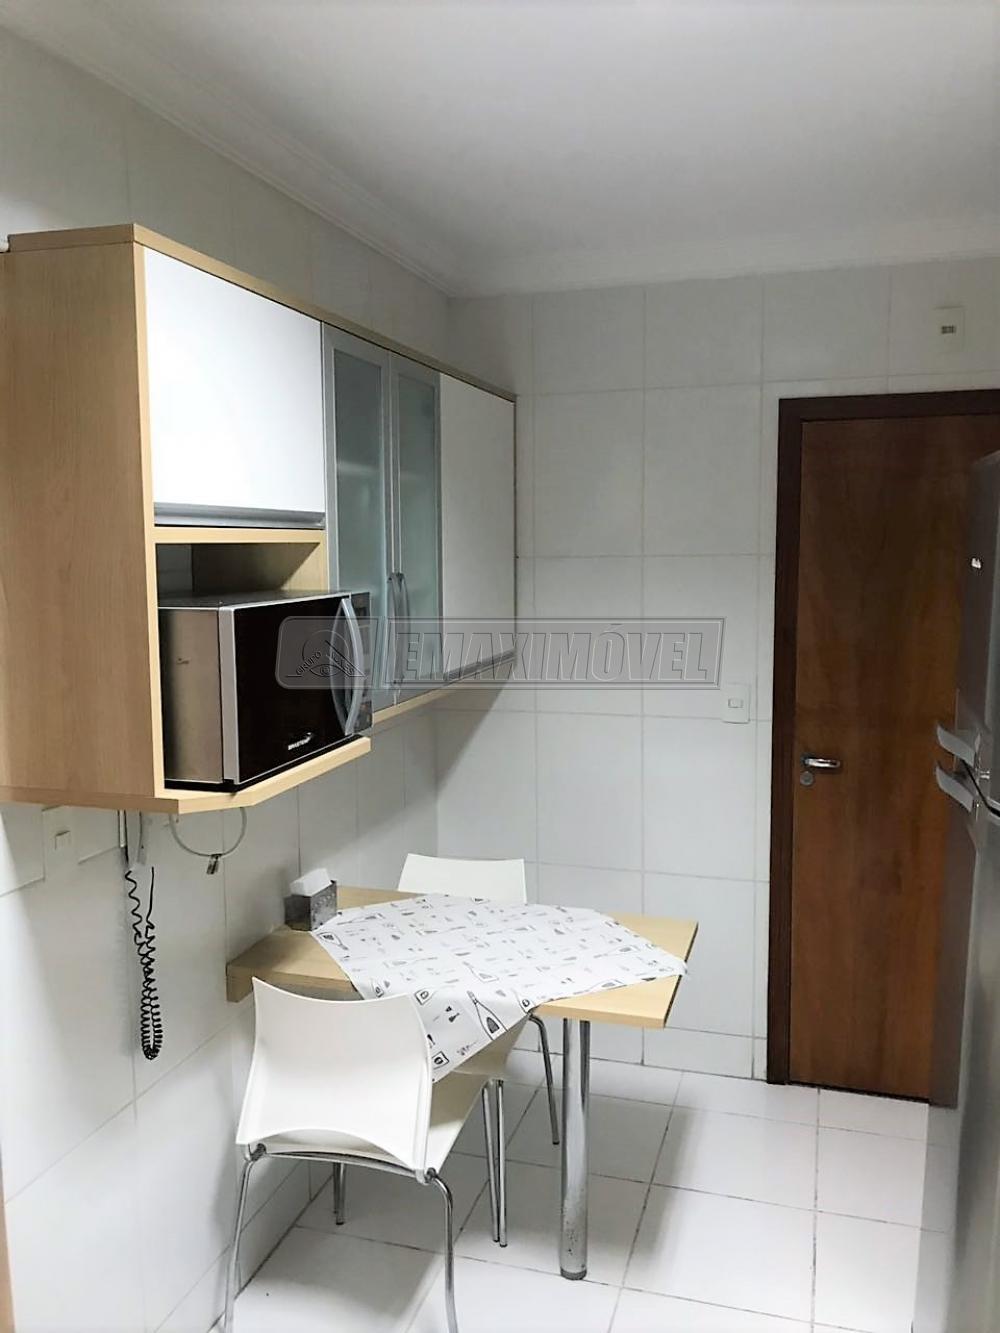 Comprar Apartamentos / Apto Padrão em Sorocaba apenas R$ 600.000,00 - Foto 5